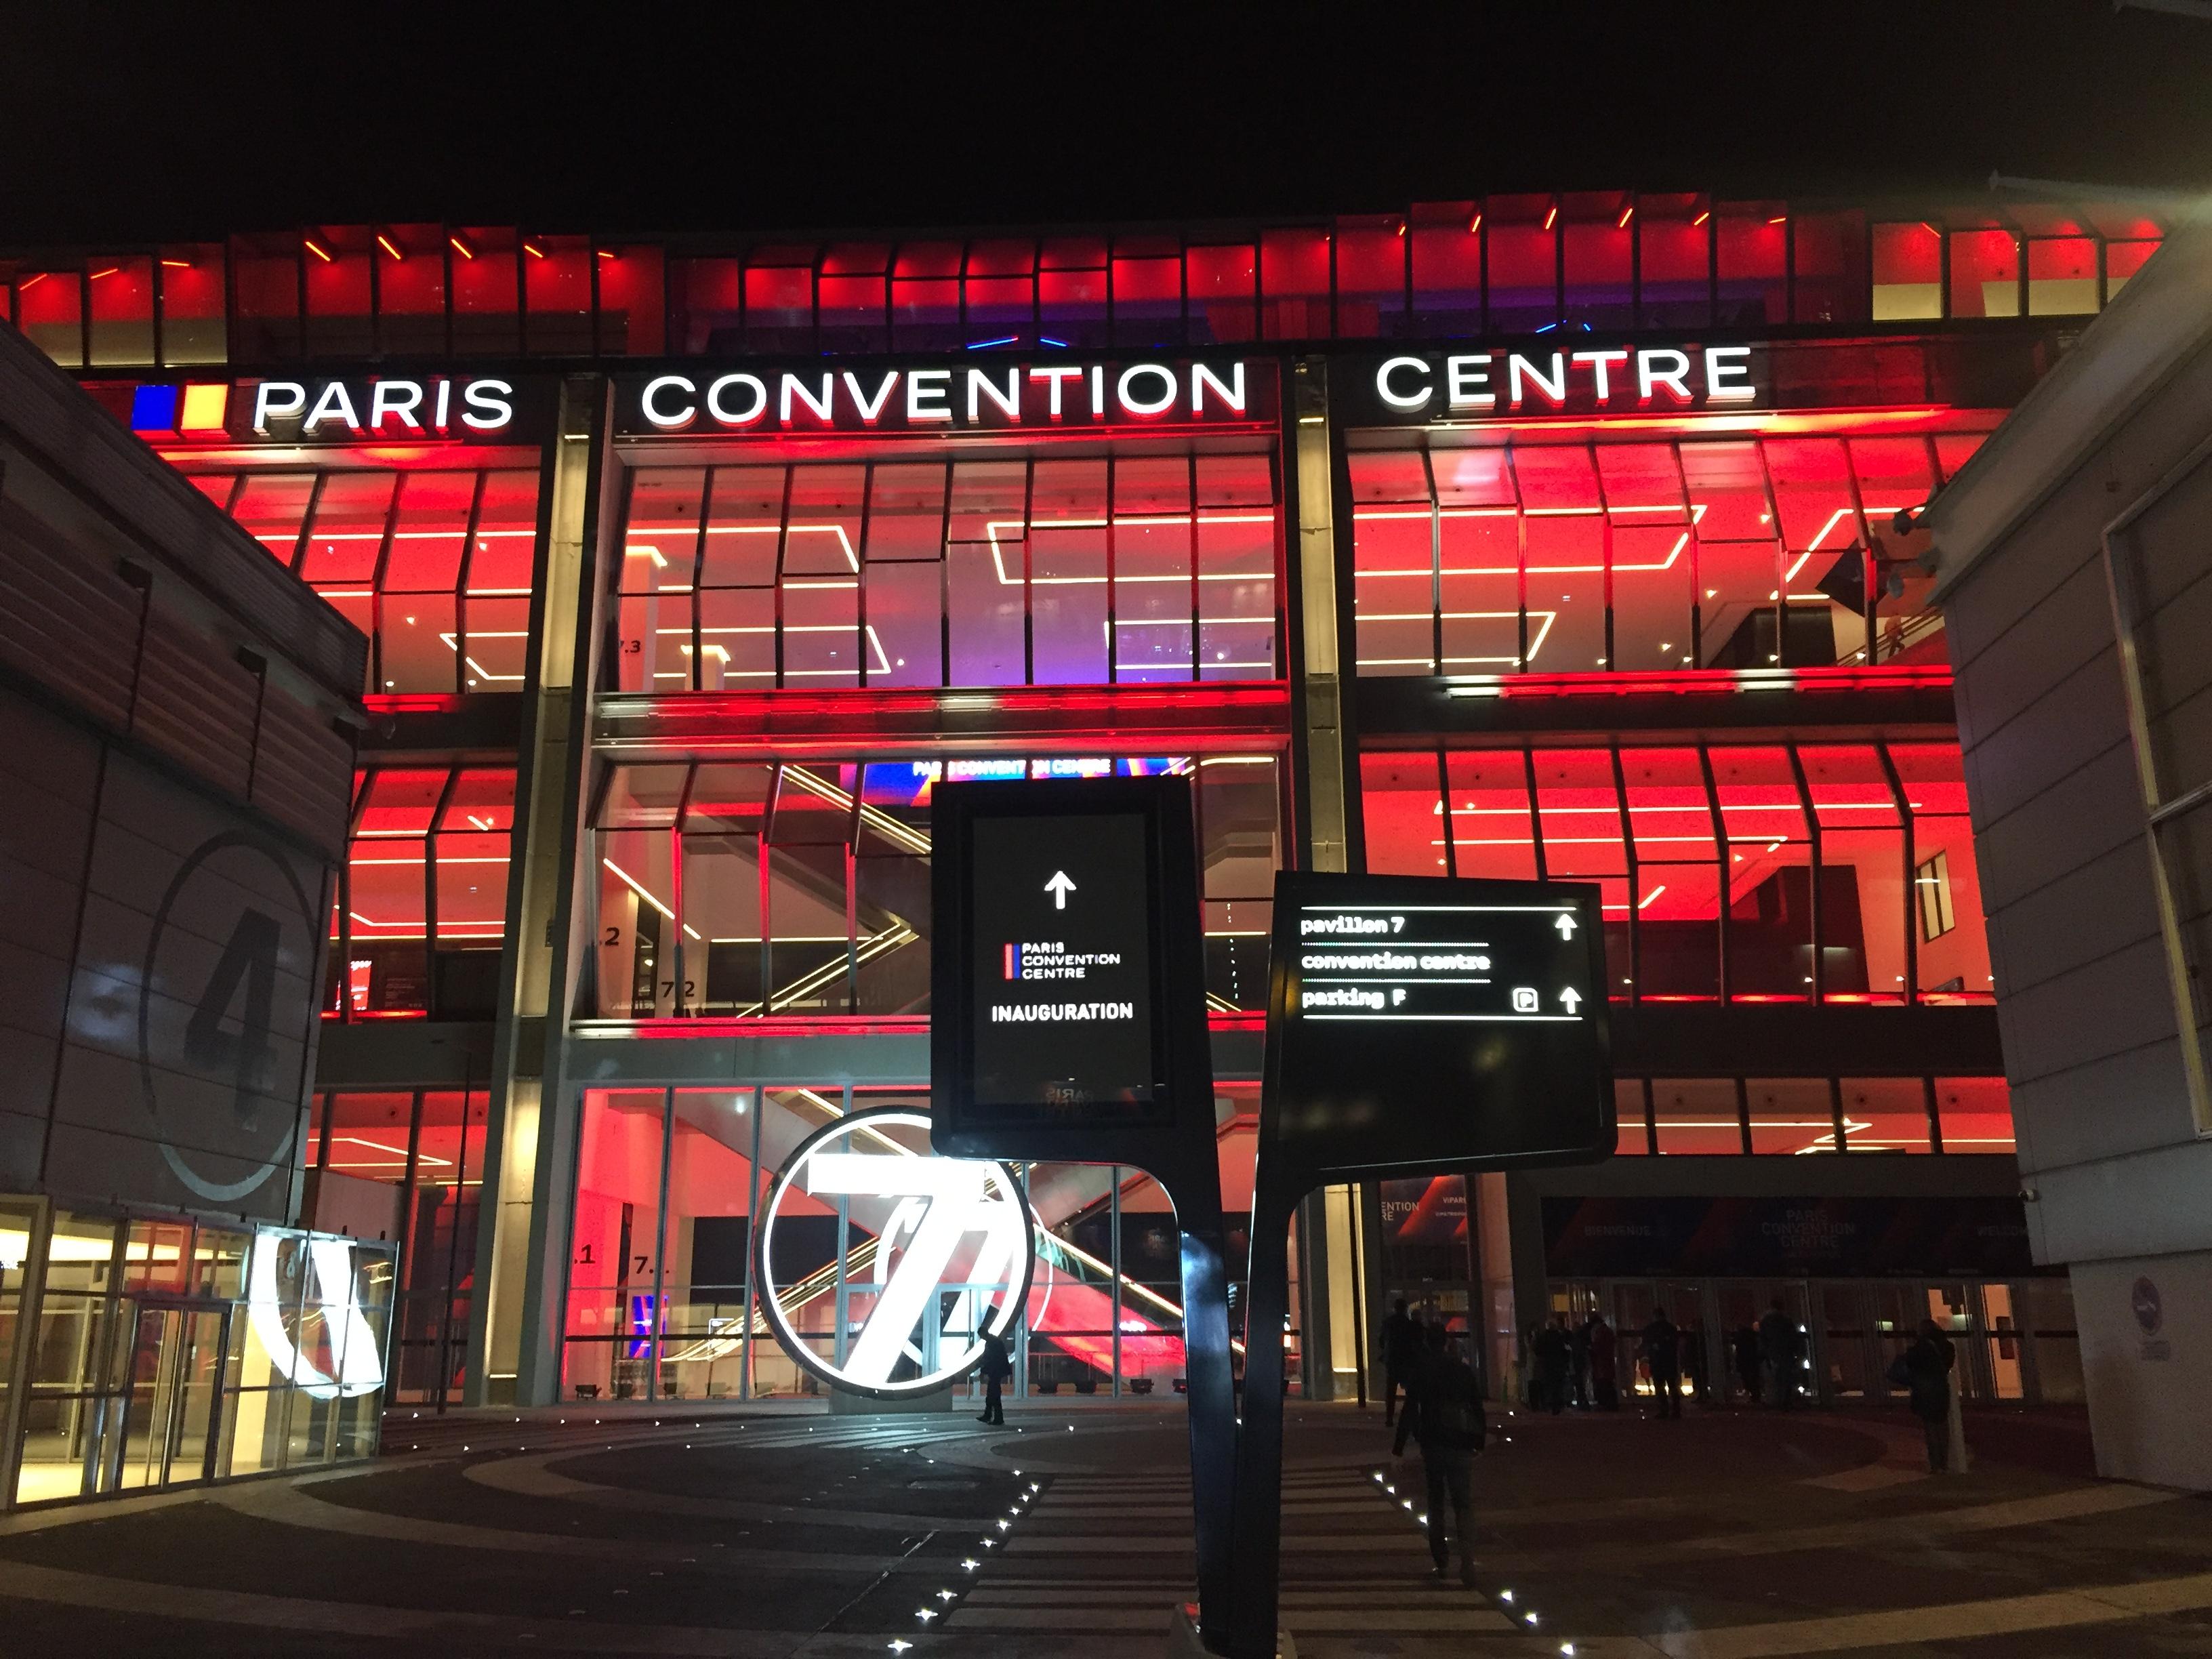 کنوانسیون پاریس